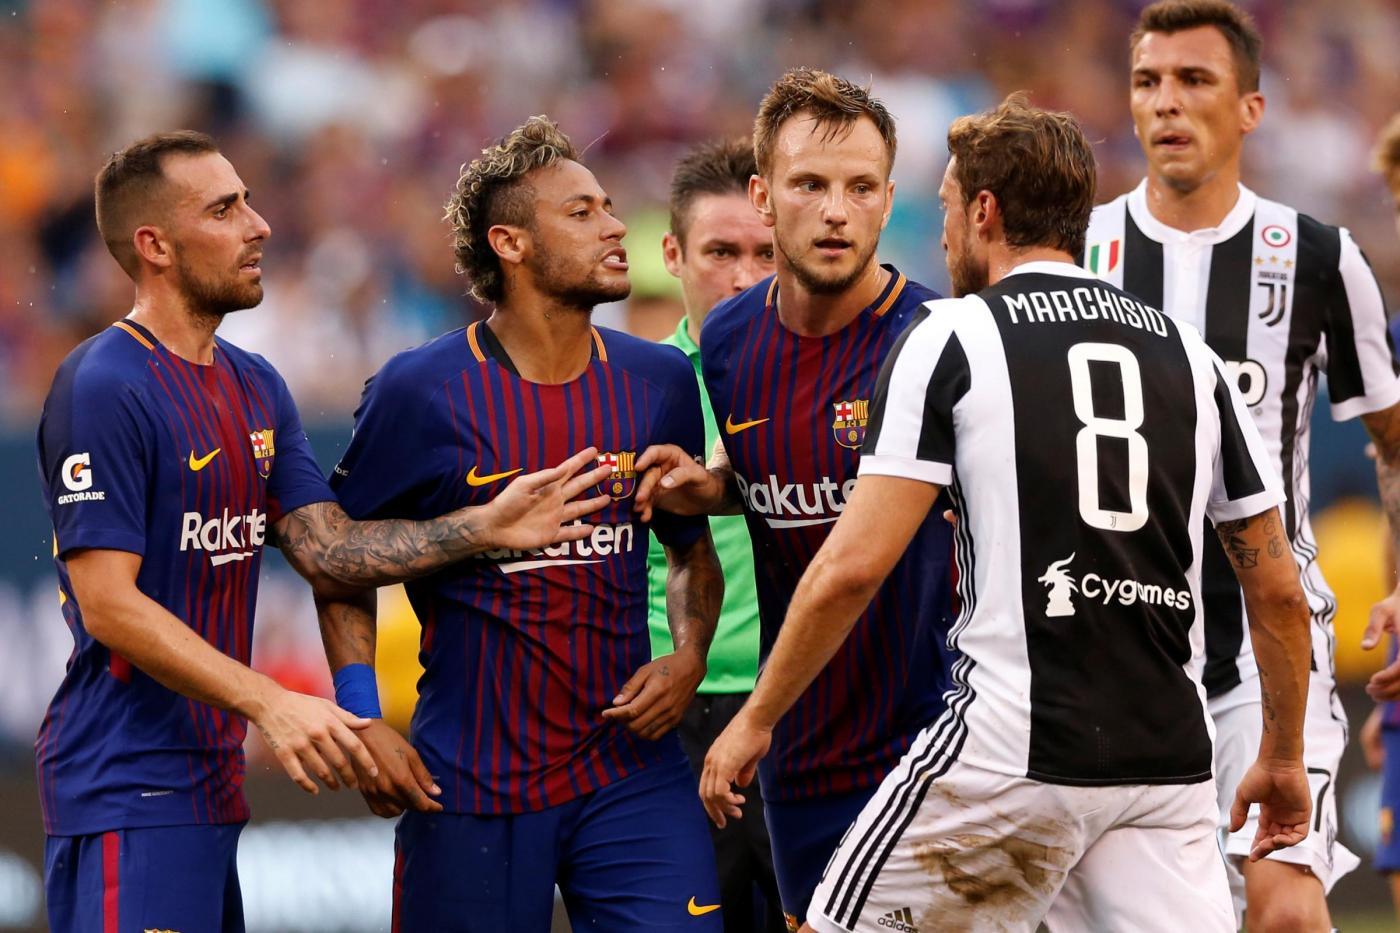 Neymar-Psg: per Mourinho il prezzo è giusto, Klopp non è d'accordo